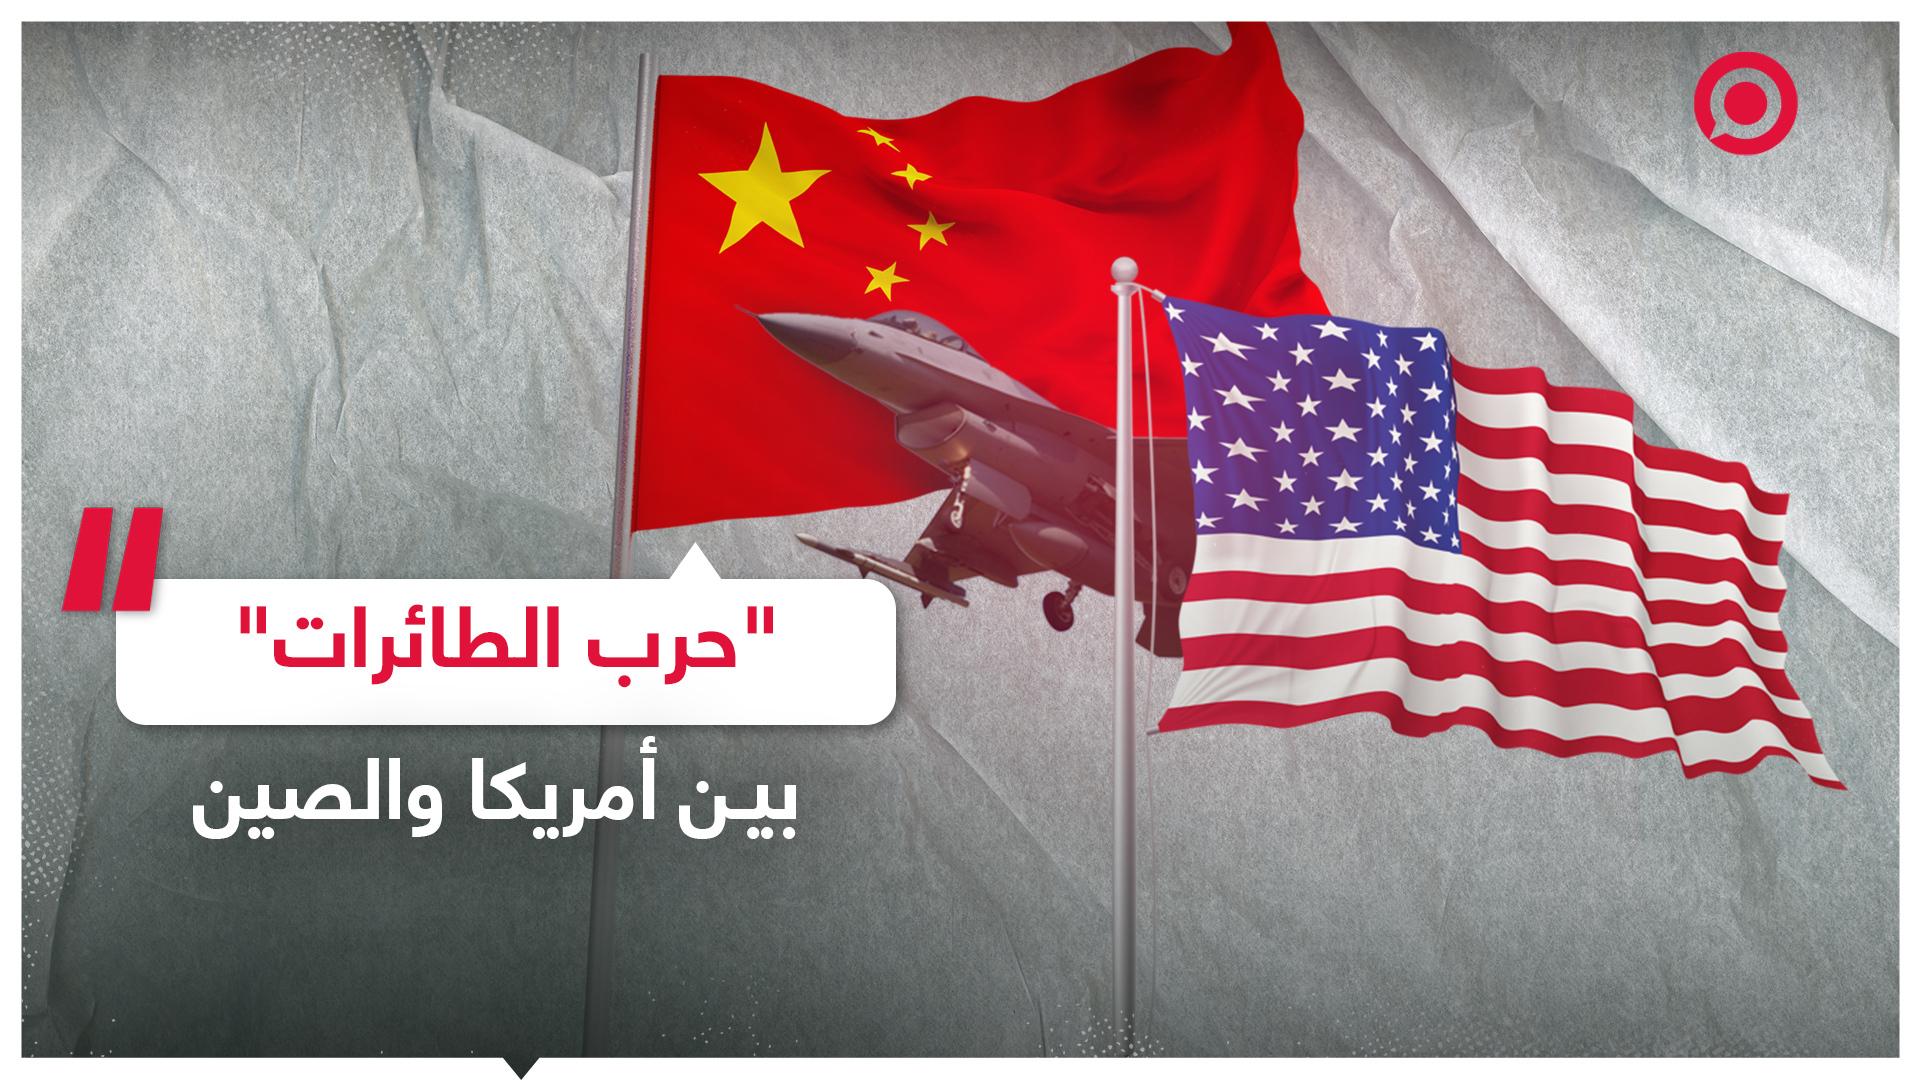 في حال اندلاع حرب بين أمريكا والصين.. من الذي سيتفوق؟